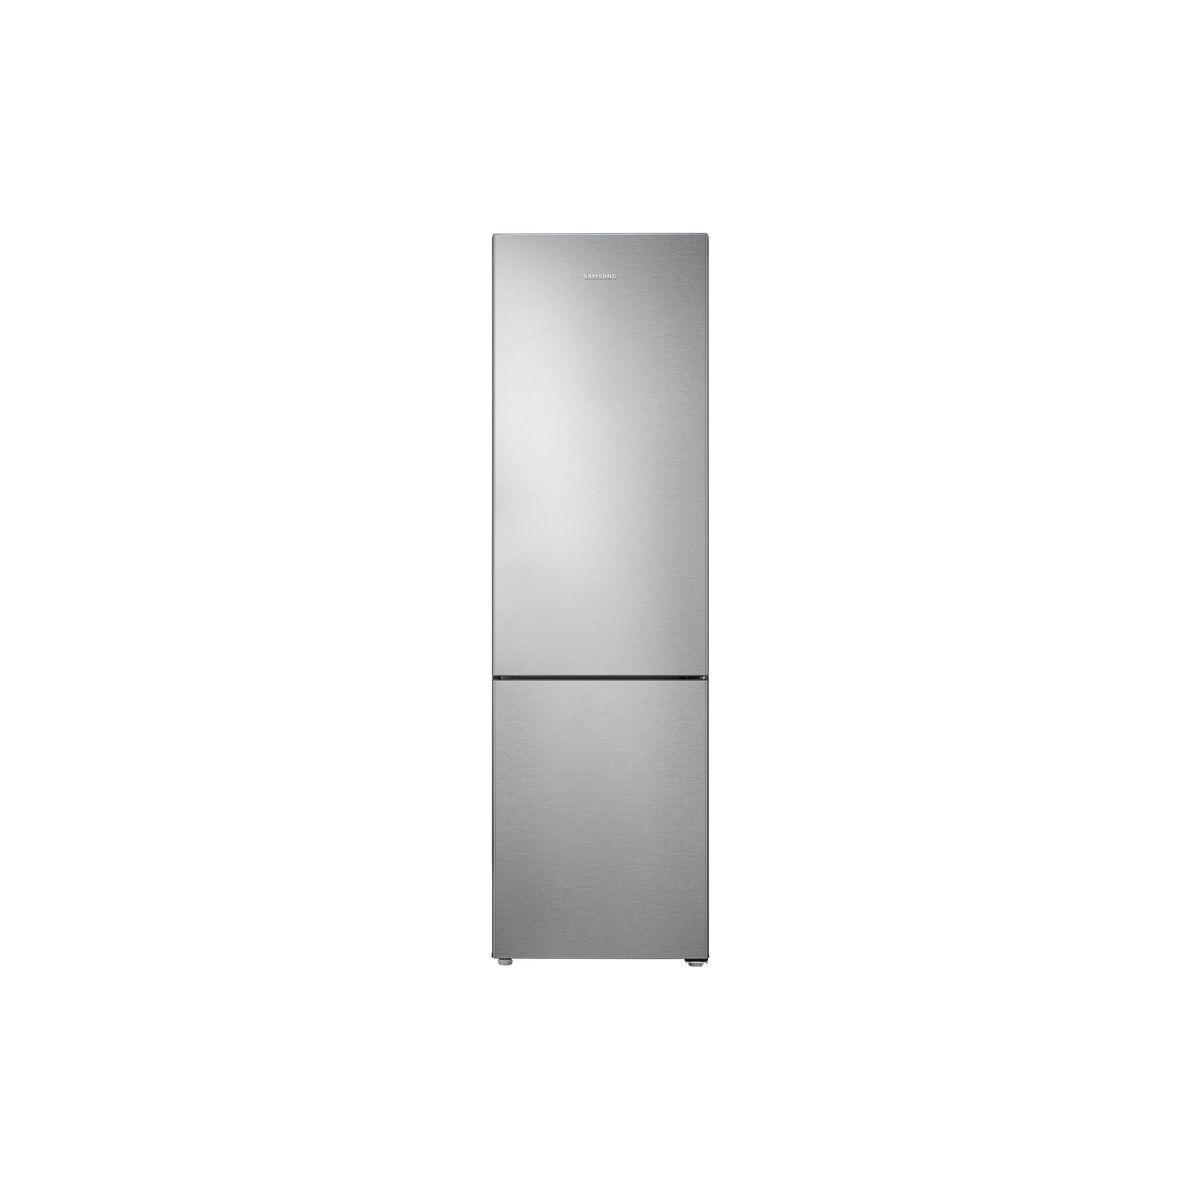 Réfrigérateur combiné RB37J501MSA, 353 L, Froid ventilé